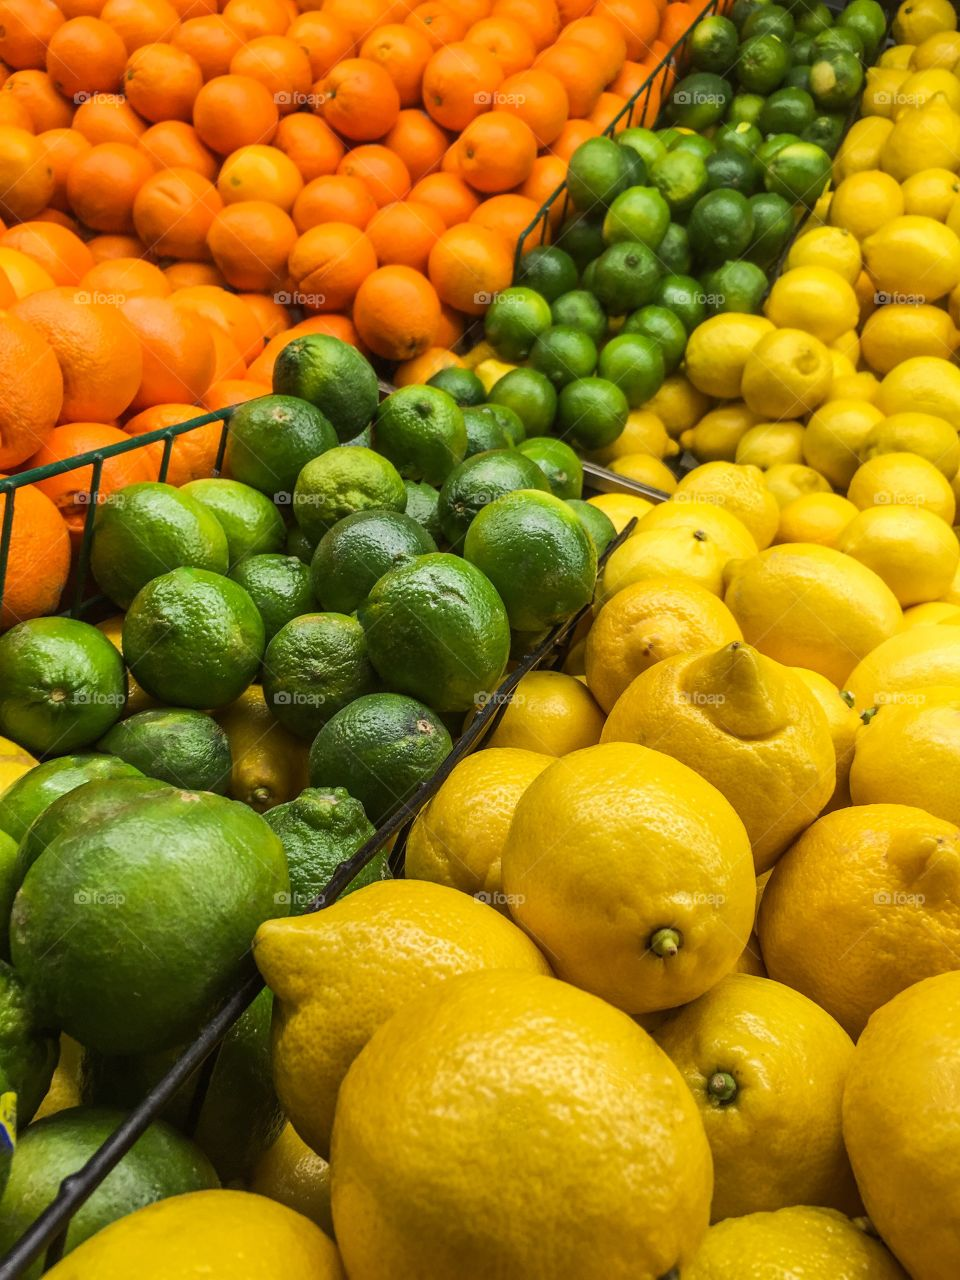 Fresh fruit in shelf in supermarket